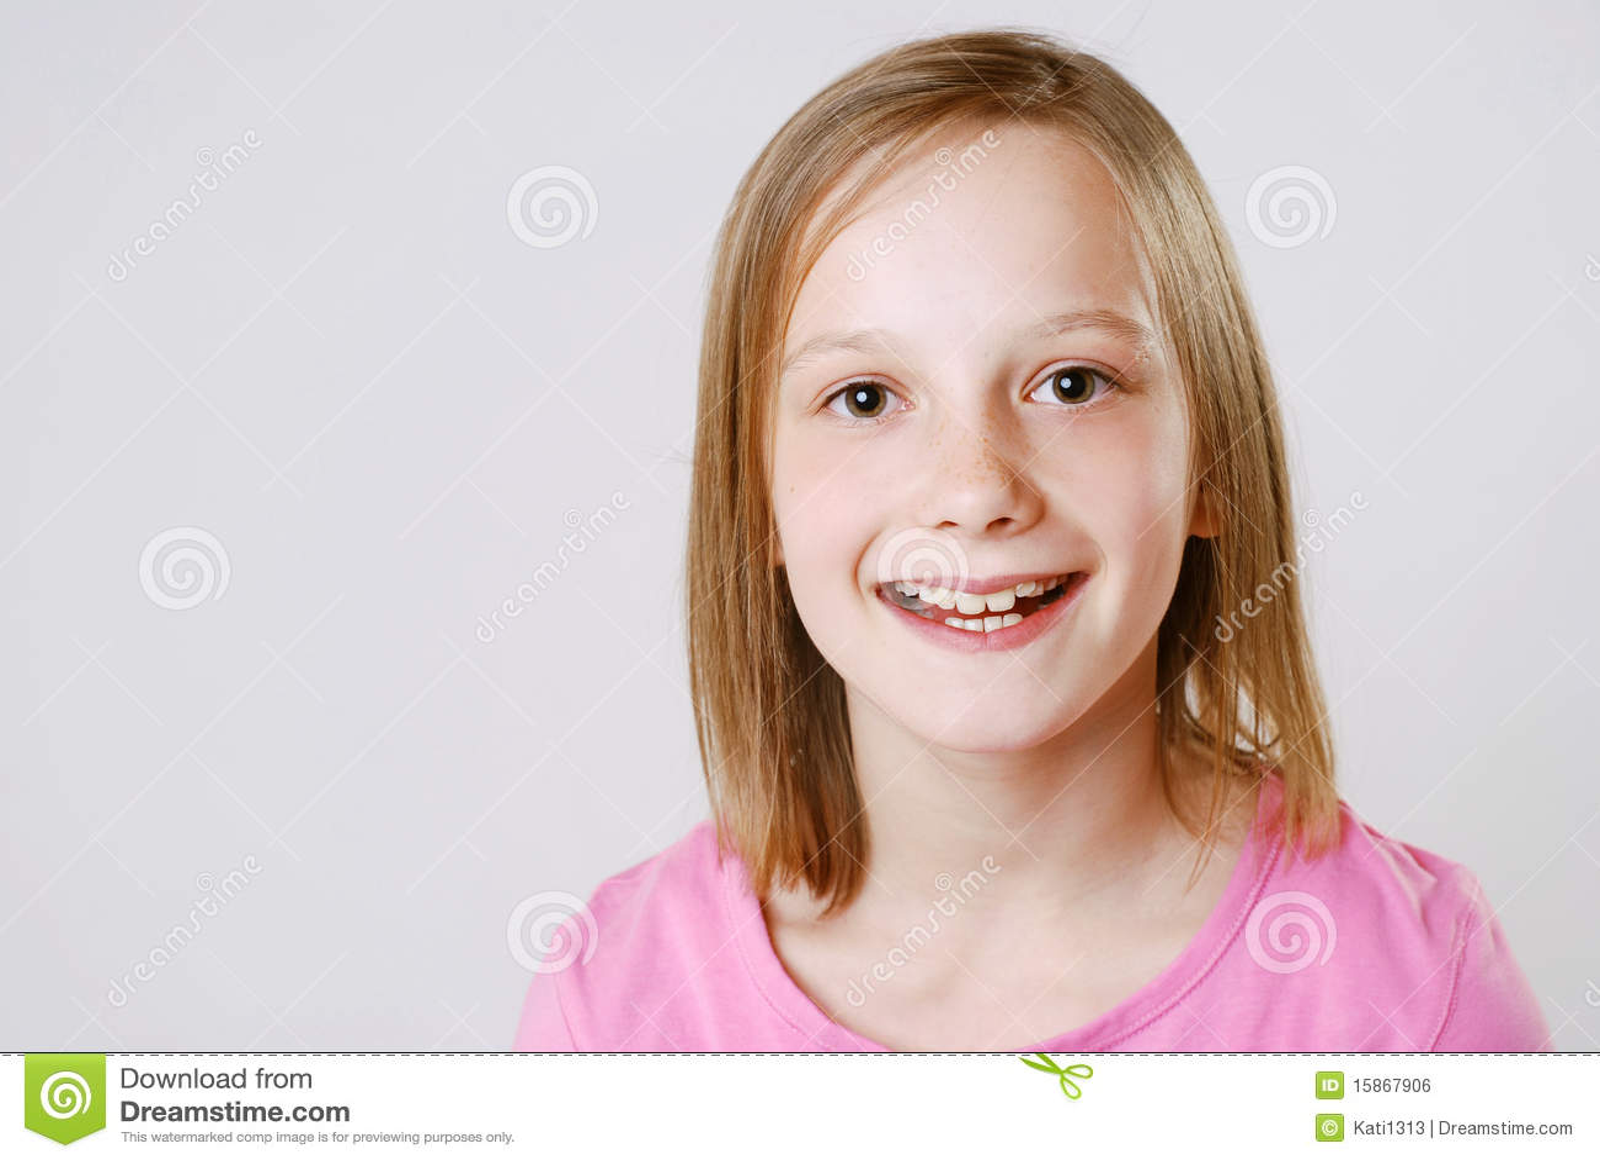 Gelukkig meisje royalty vrije stock afbeelding afbeelding 15867906 - Foto tiener ruimte meisje ...